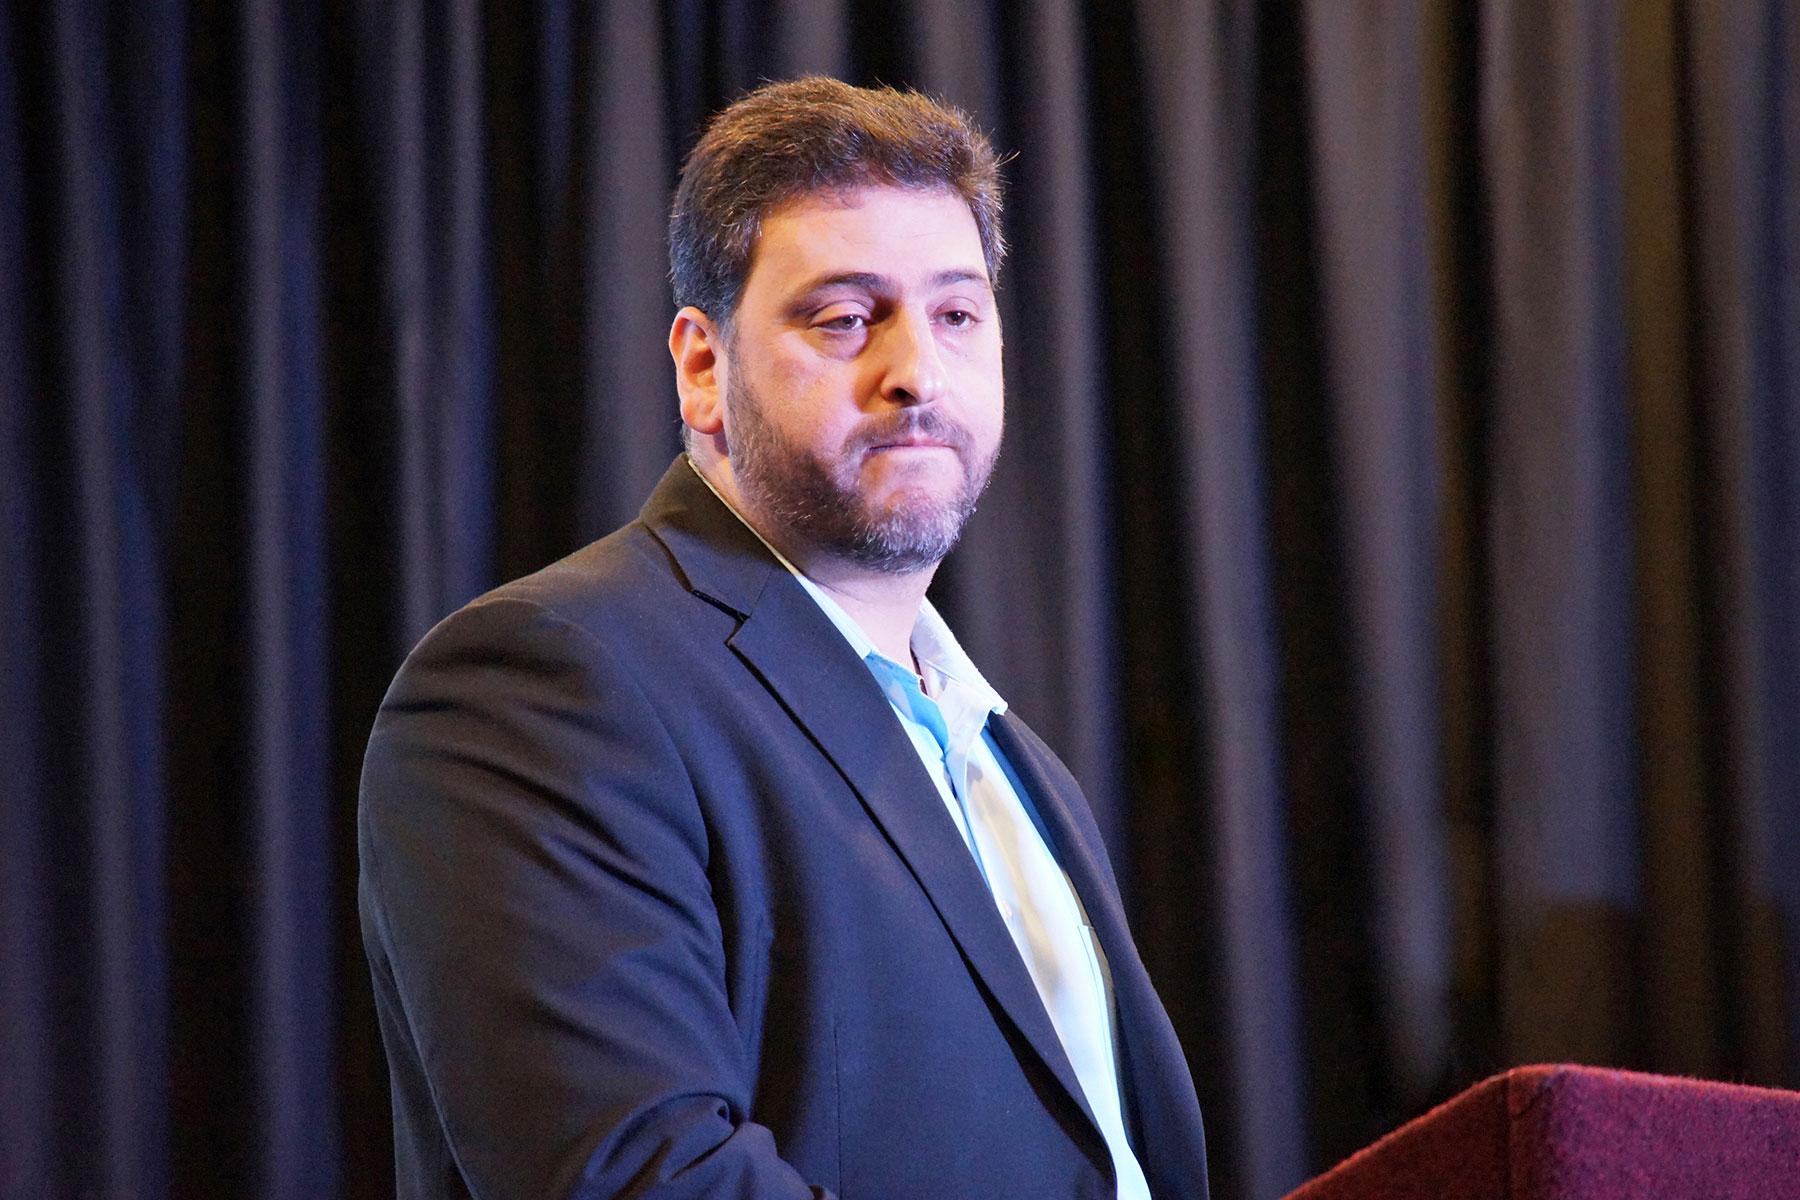 Dr. Osama Abuirshaid